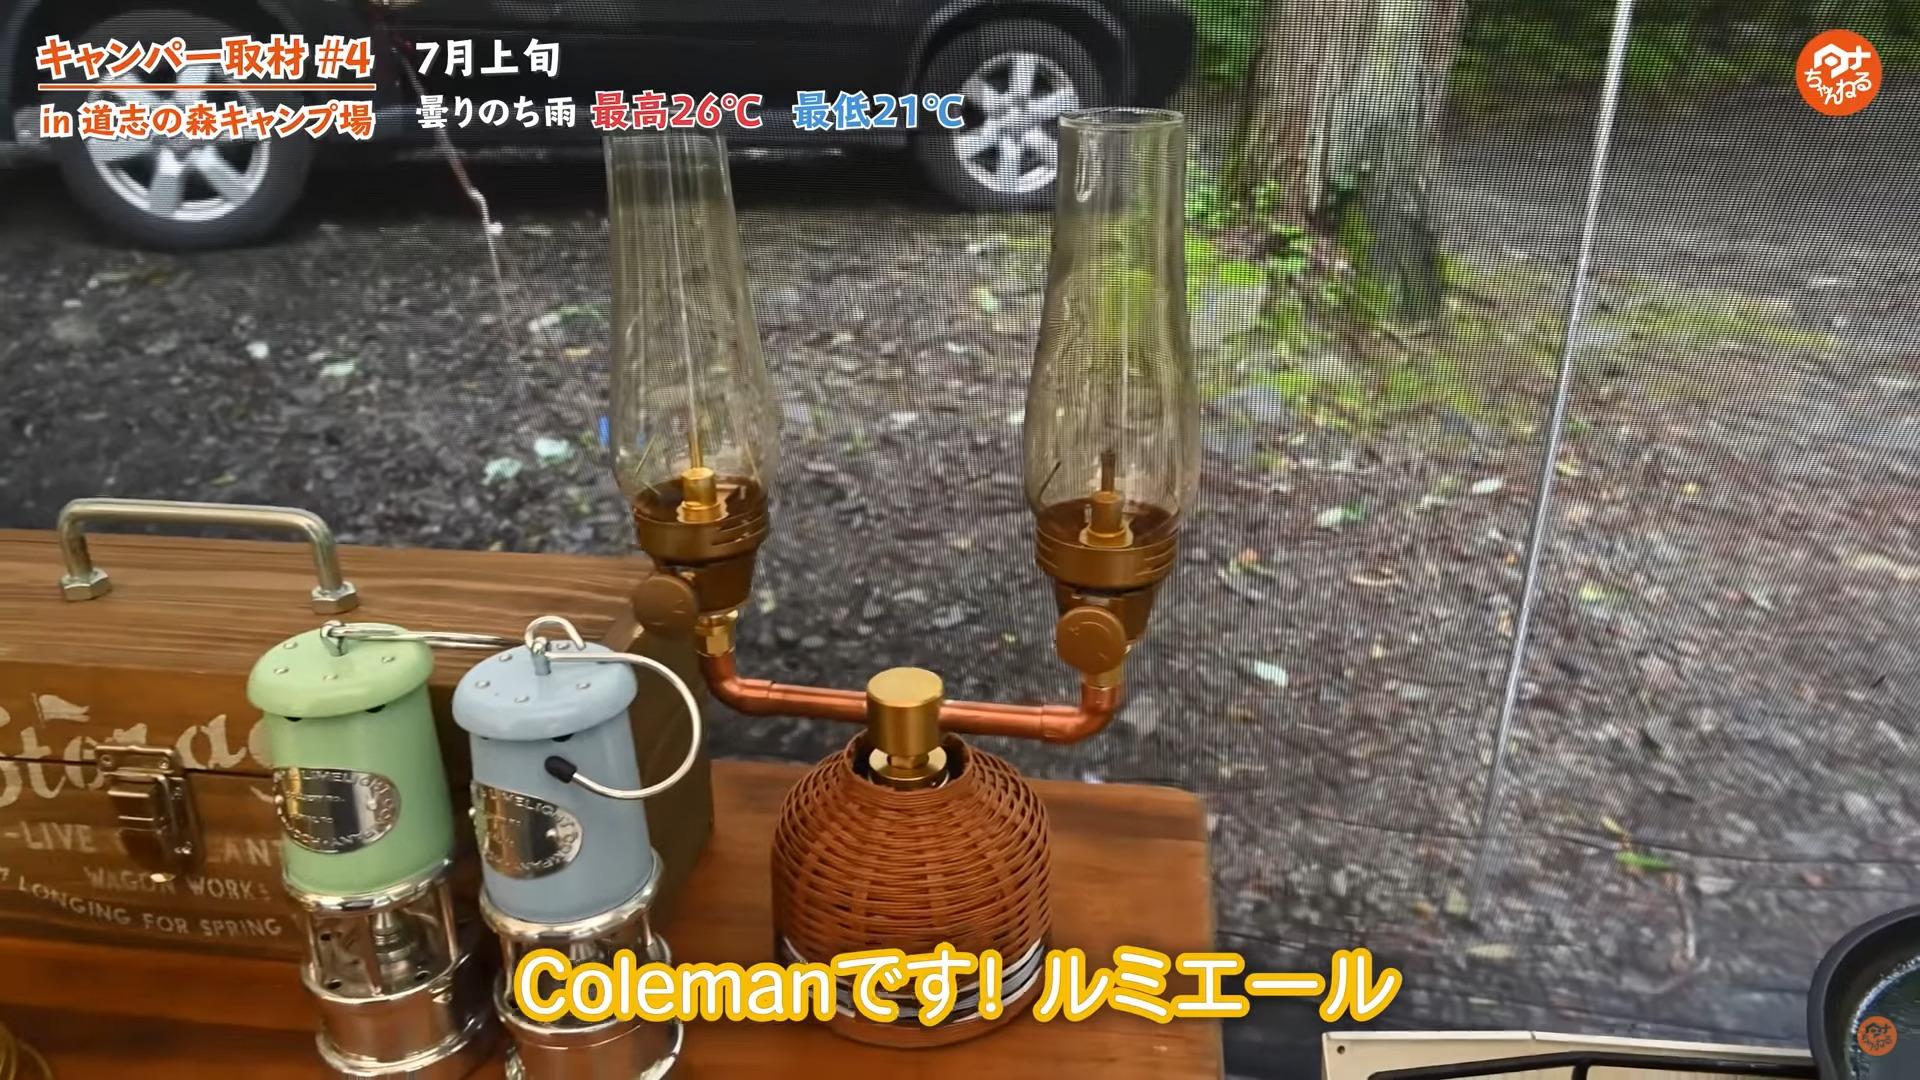 【コールマン(Coleman)】 ルミエールランタン